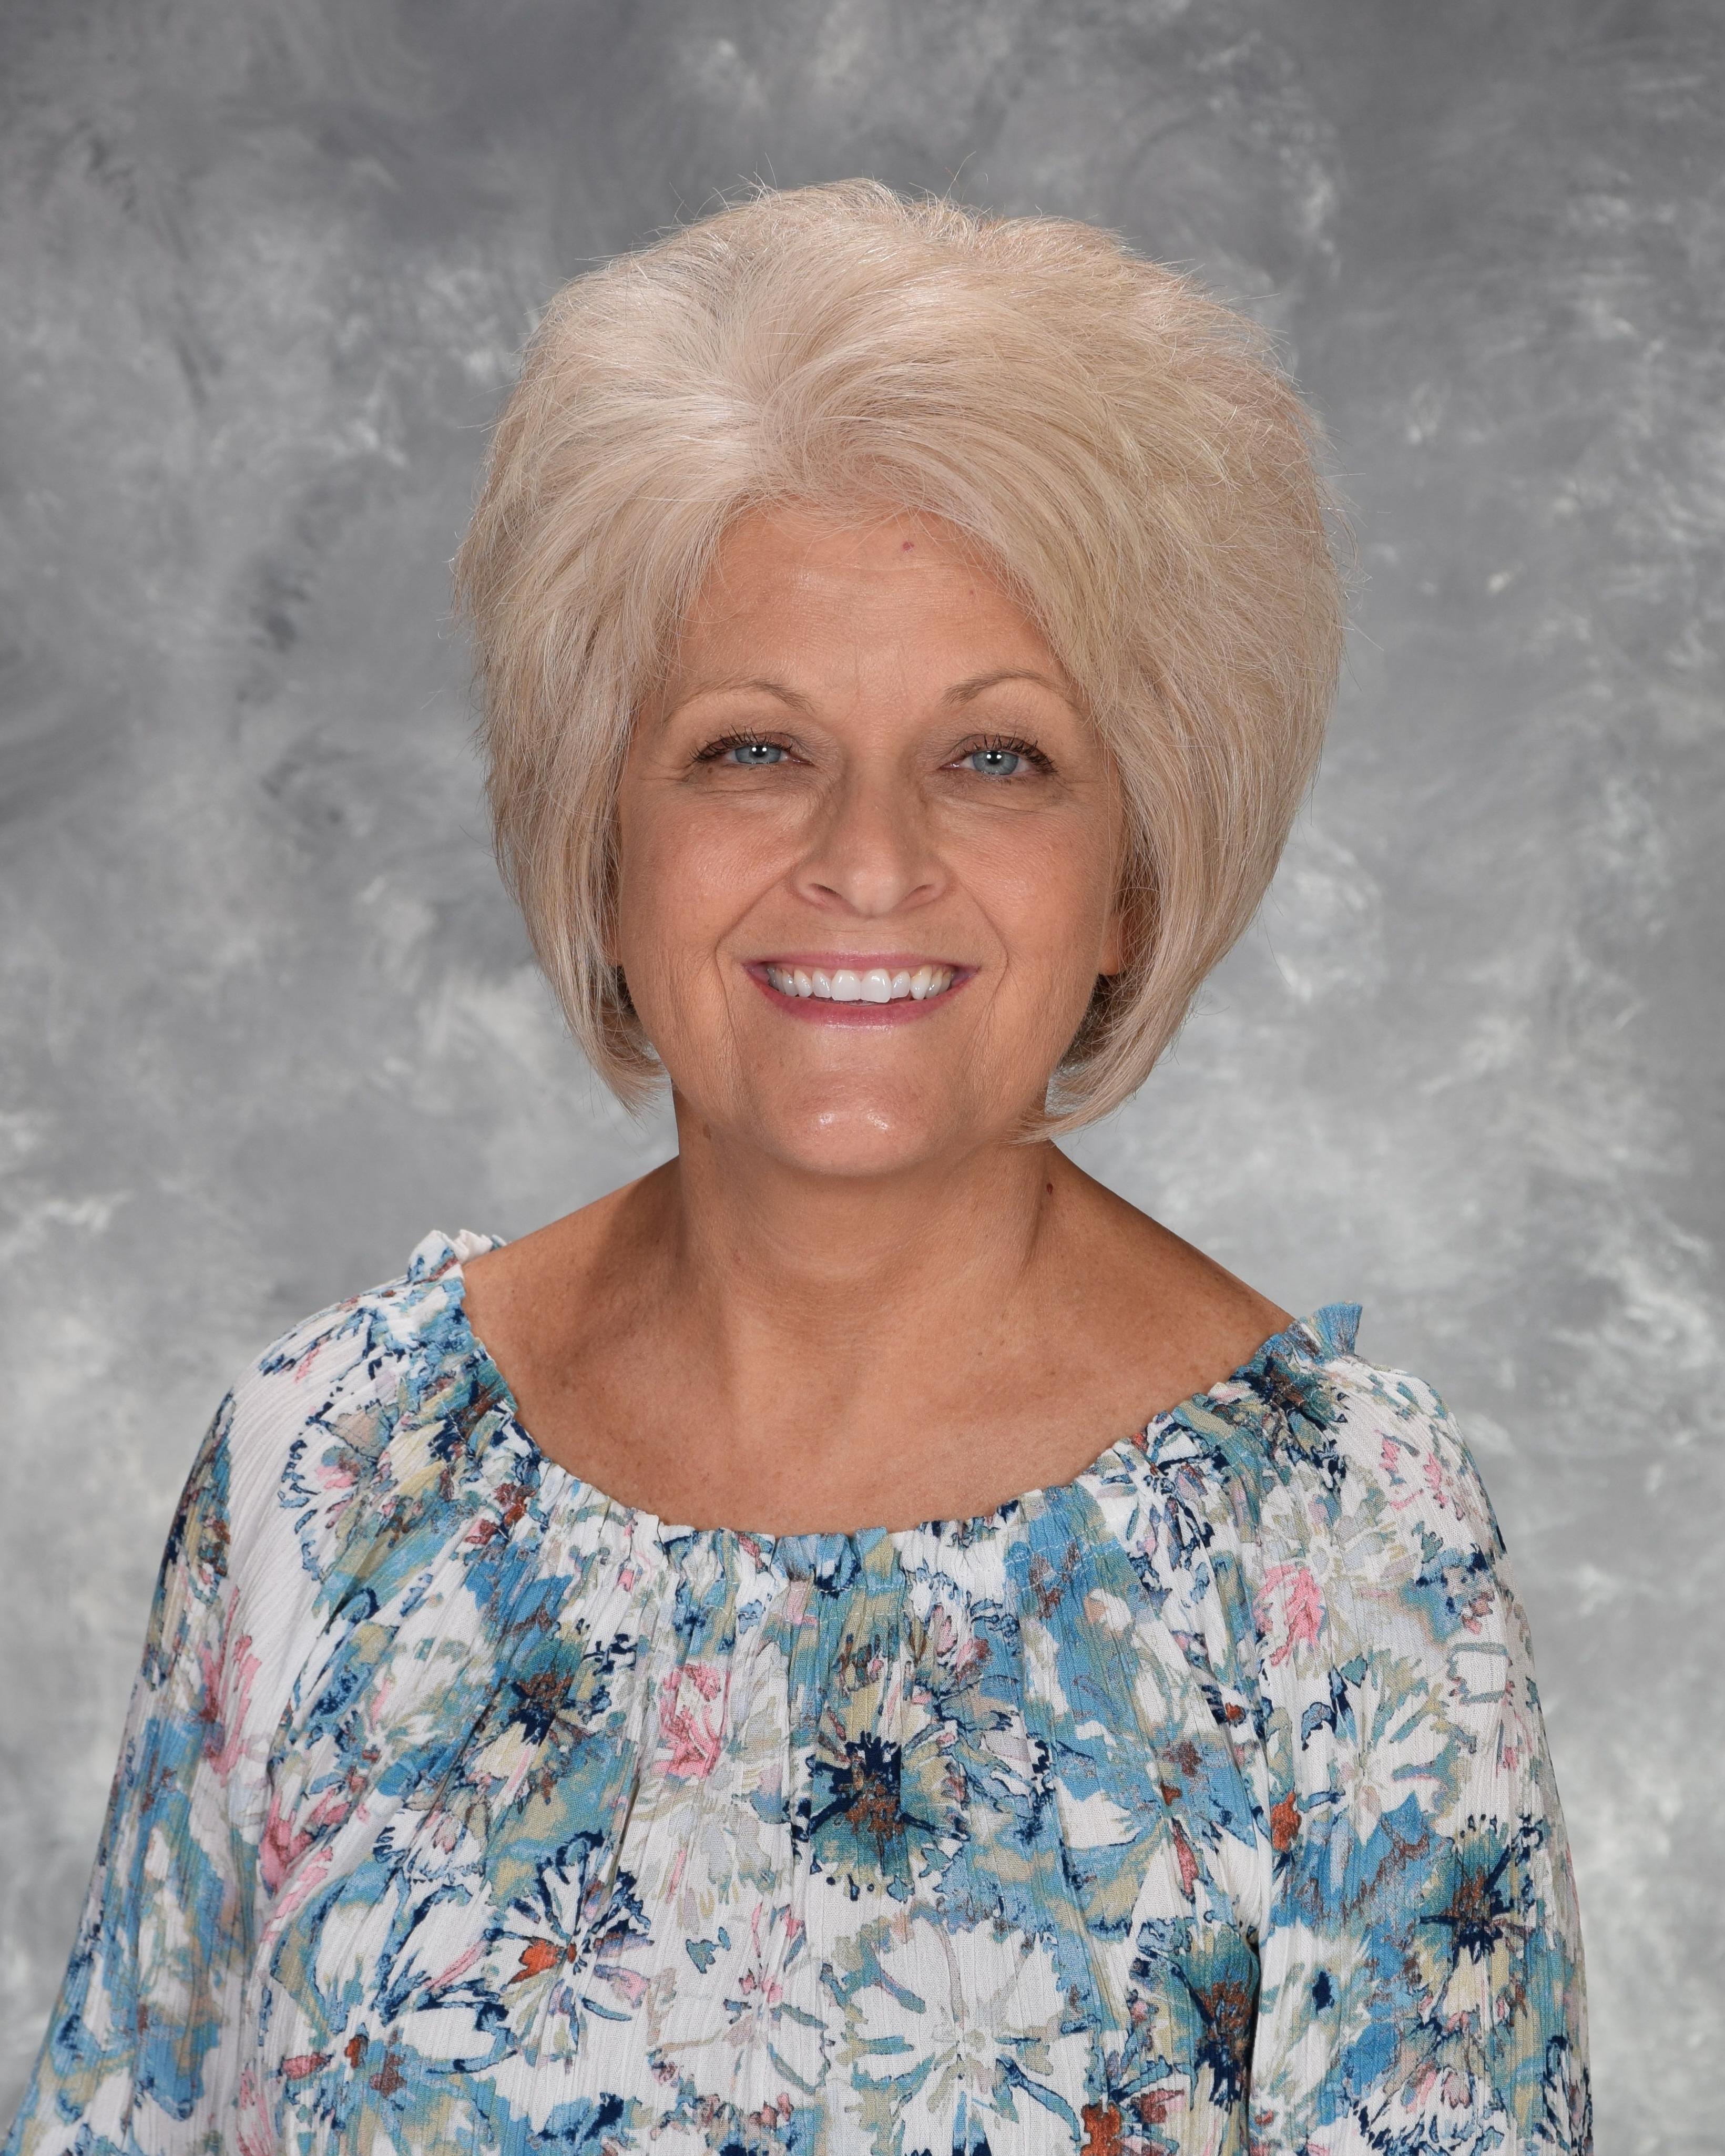 Valerie Crist